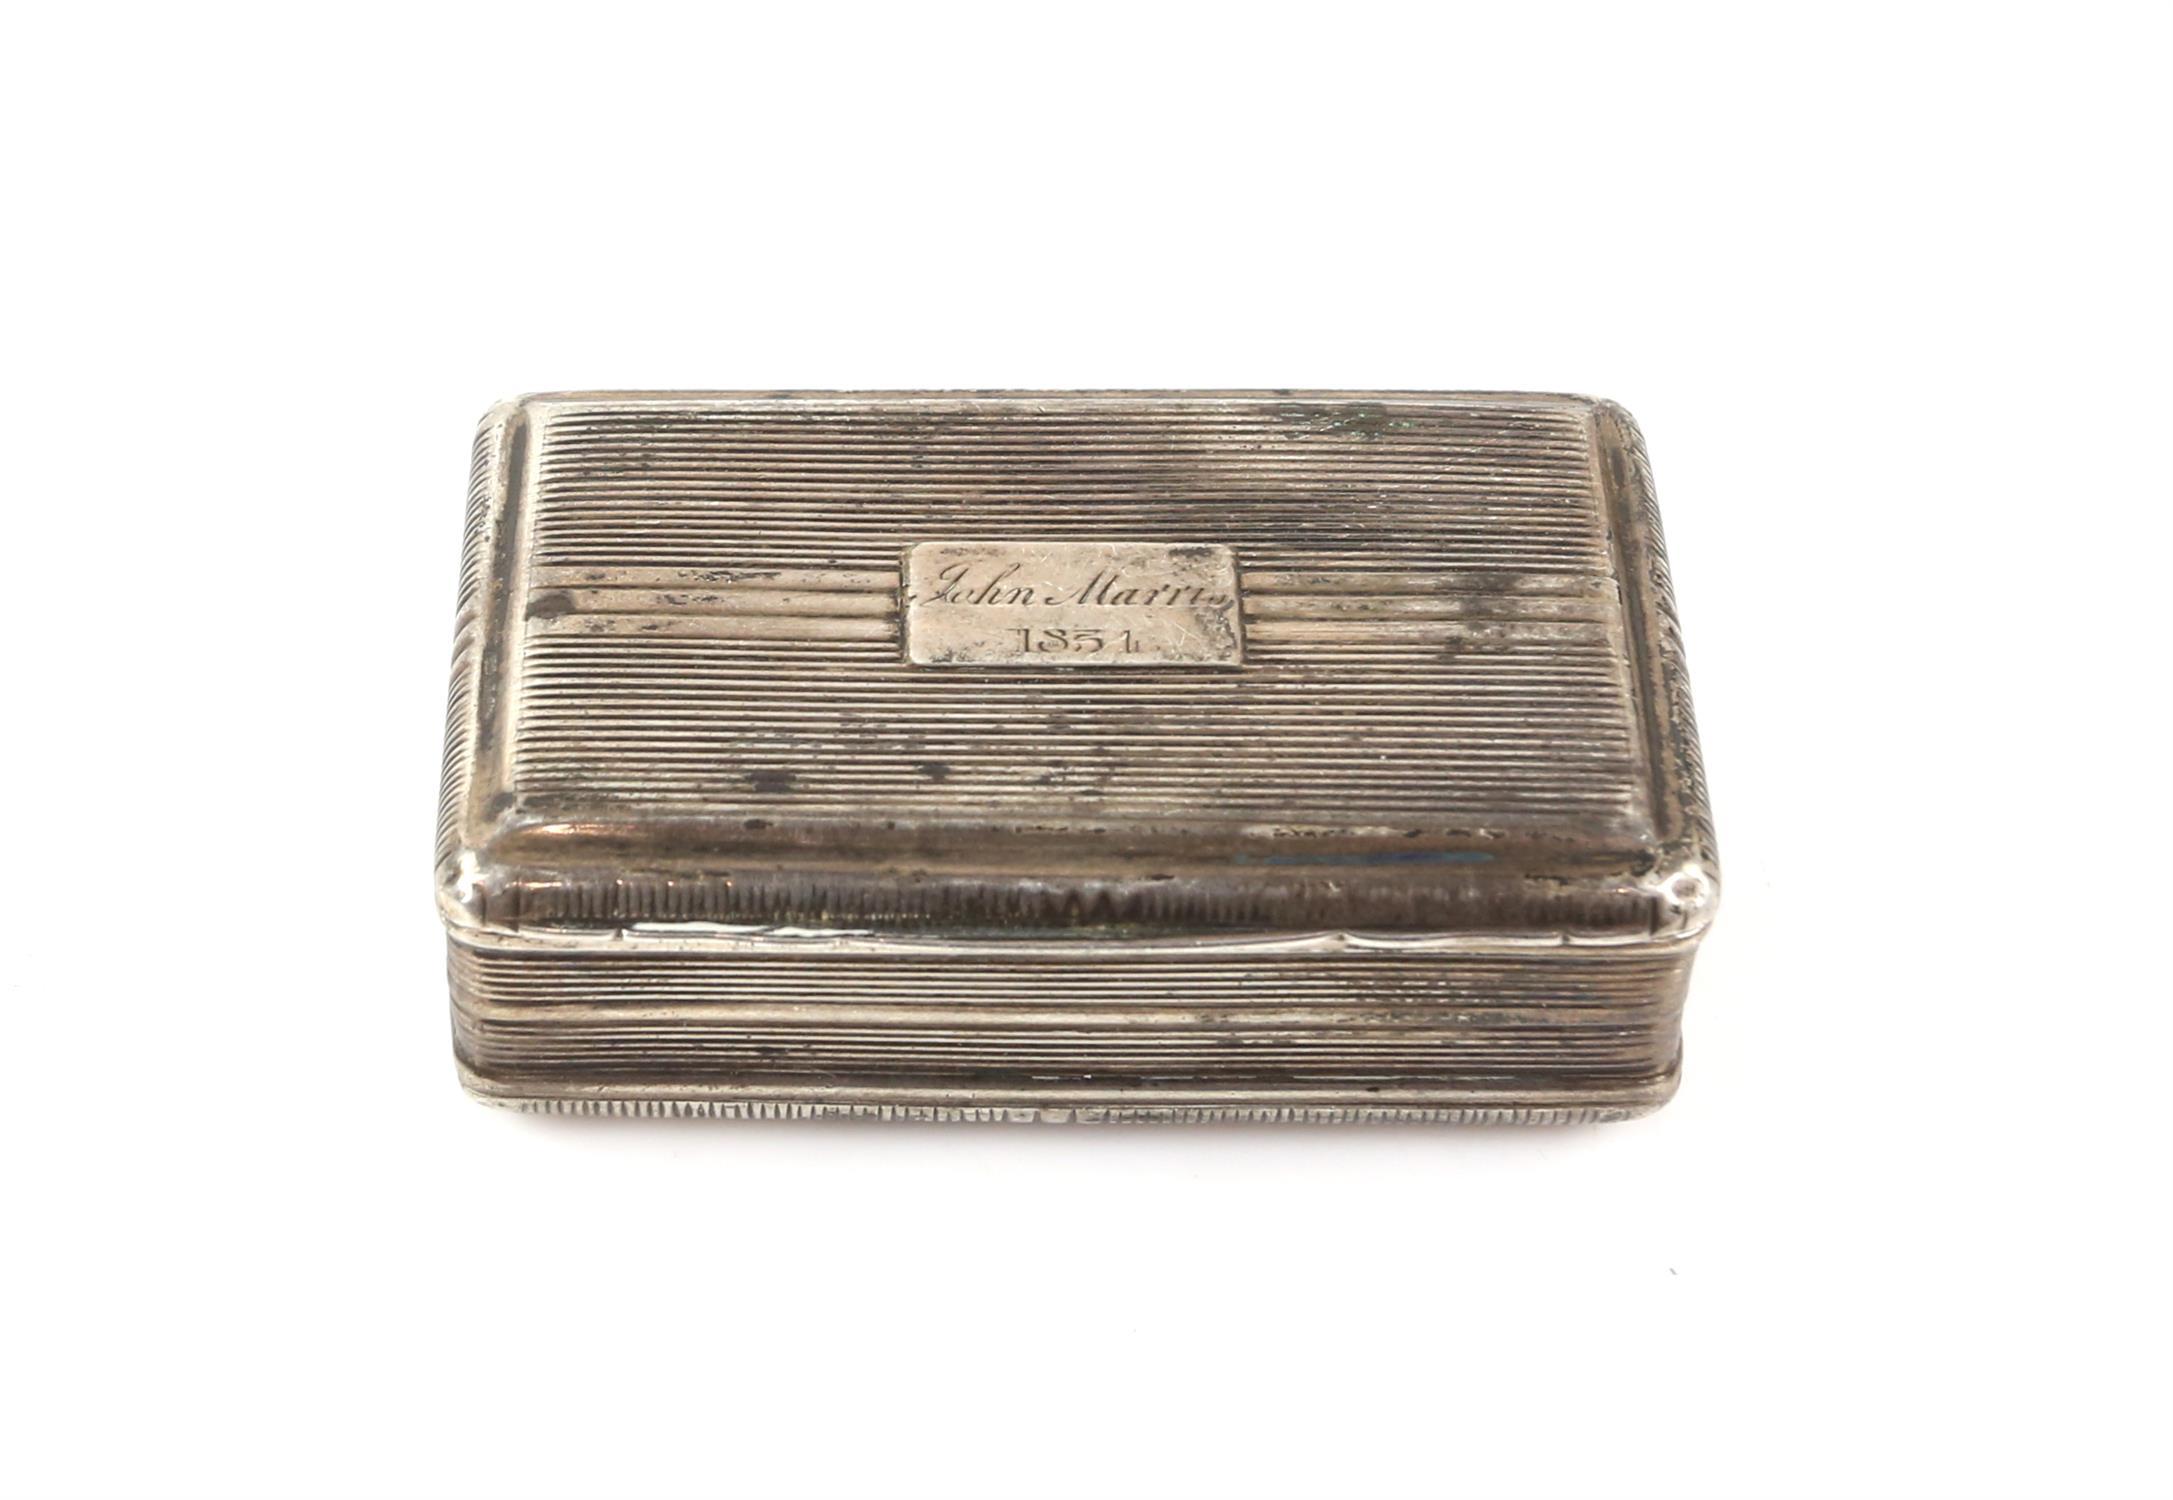 George III silver snuff box by John Shaw, Birmingham 1818, 6.5cm x 4cm x 2cm 2oz 66gm - Image 5 of 5